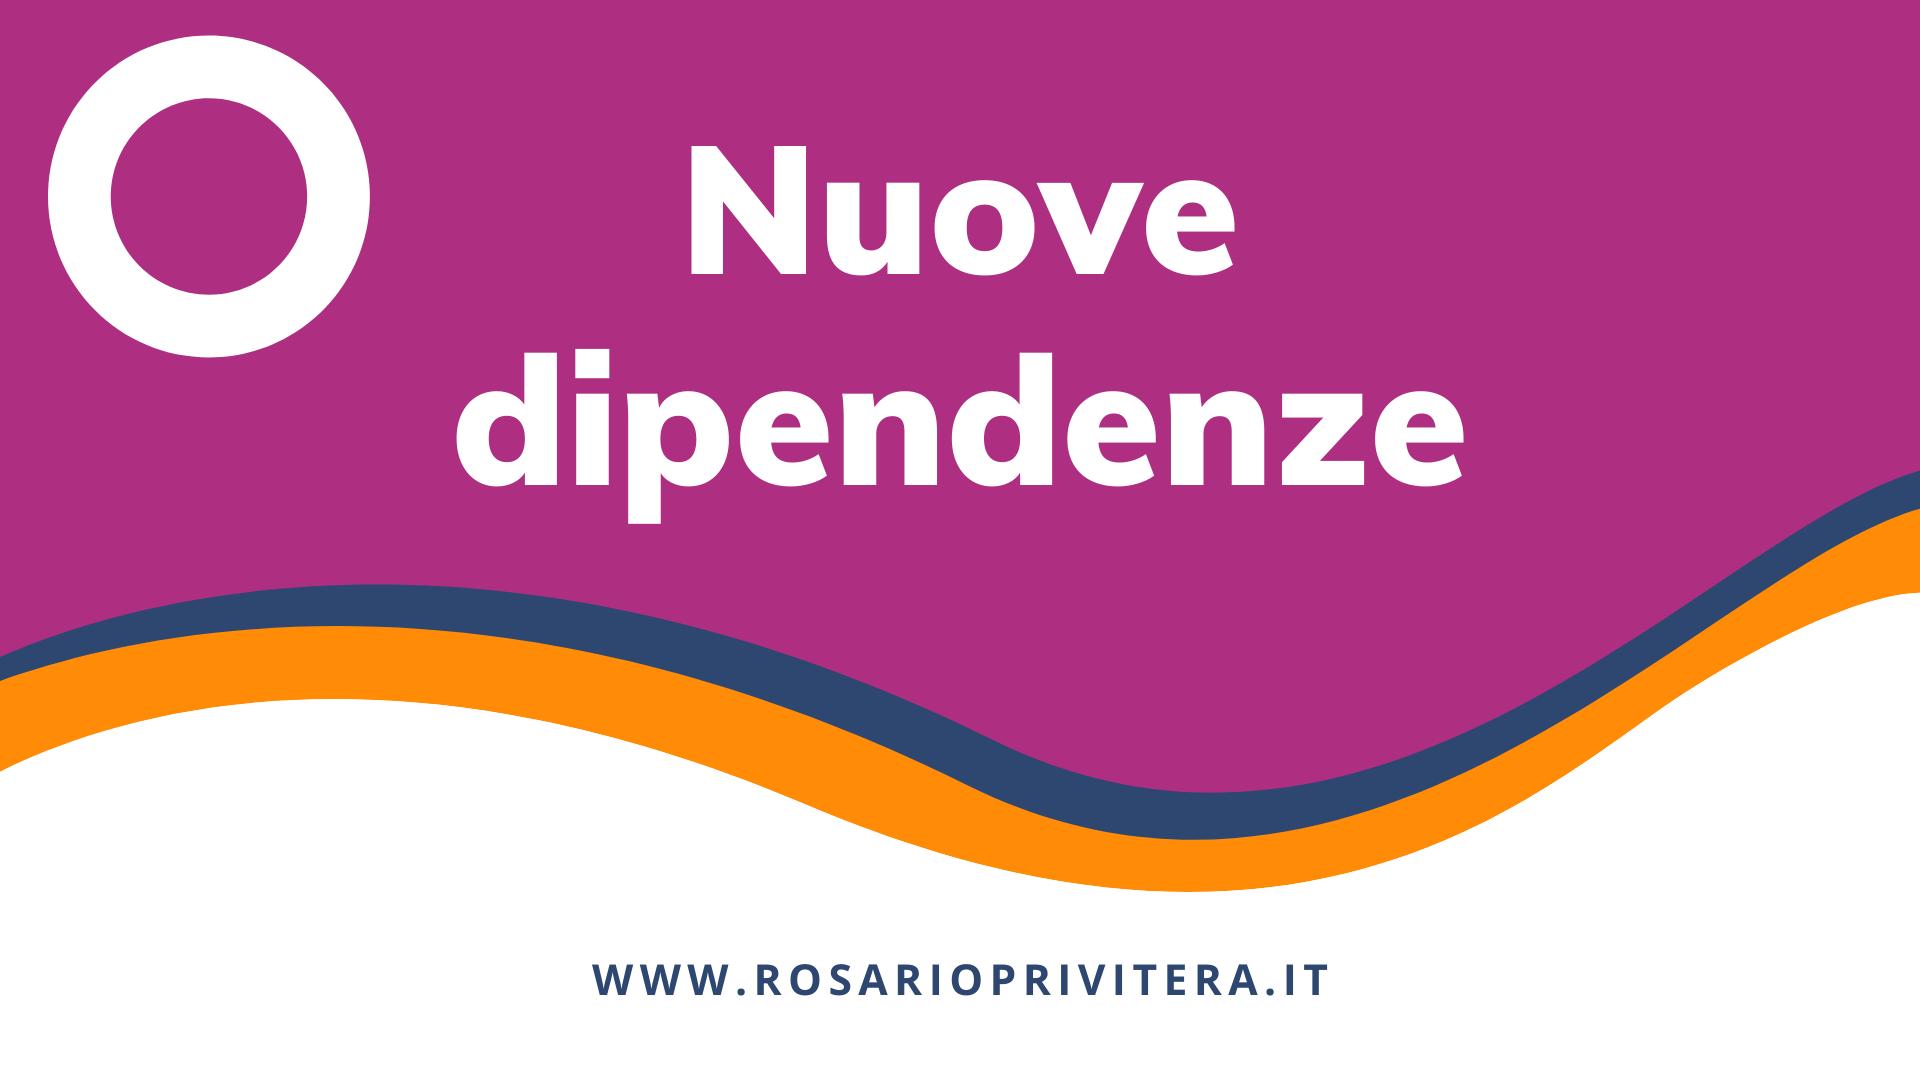 Nuove dipendenze_Rosario Privitera, psicologo LGBT a Milano e online